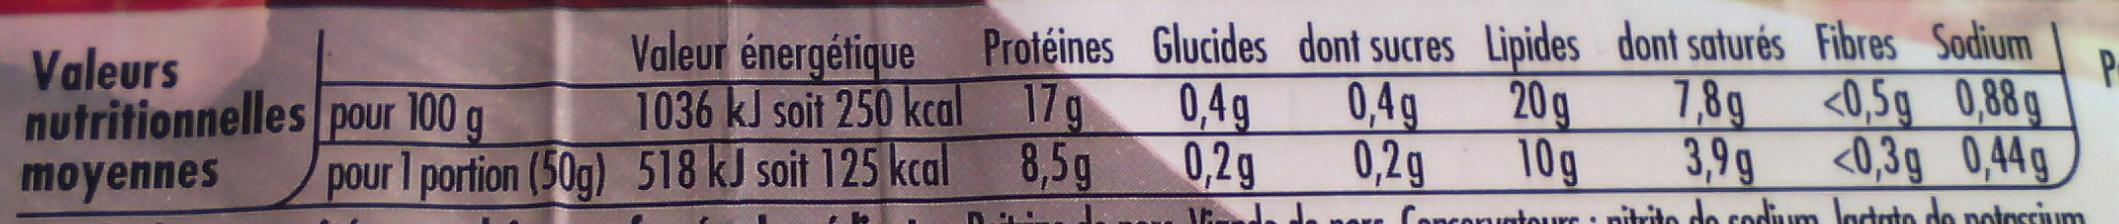 Allumettes, Fumées - Informations nutritionnelles